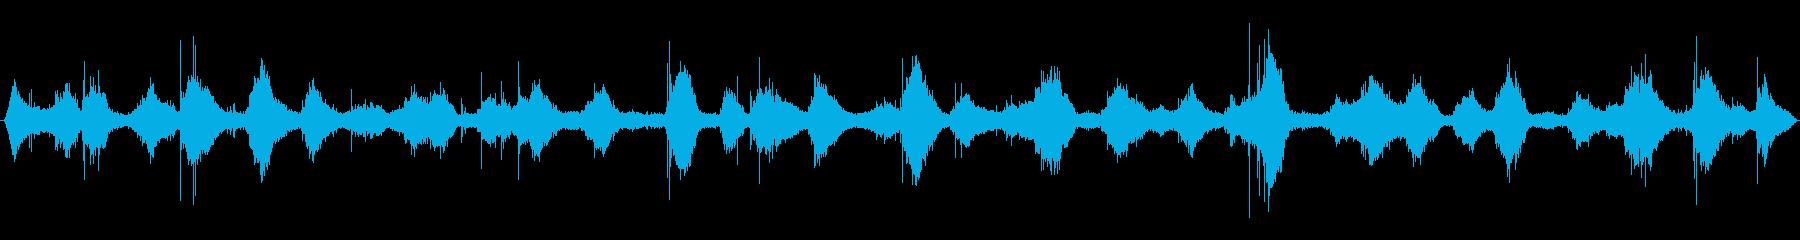 穏やかな波音(稲毛海岸)_01の再生済みの波形